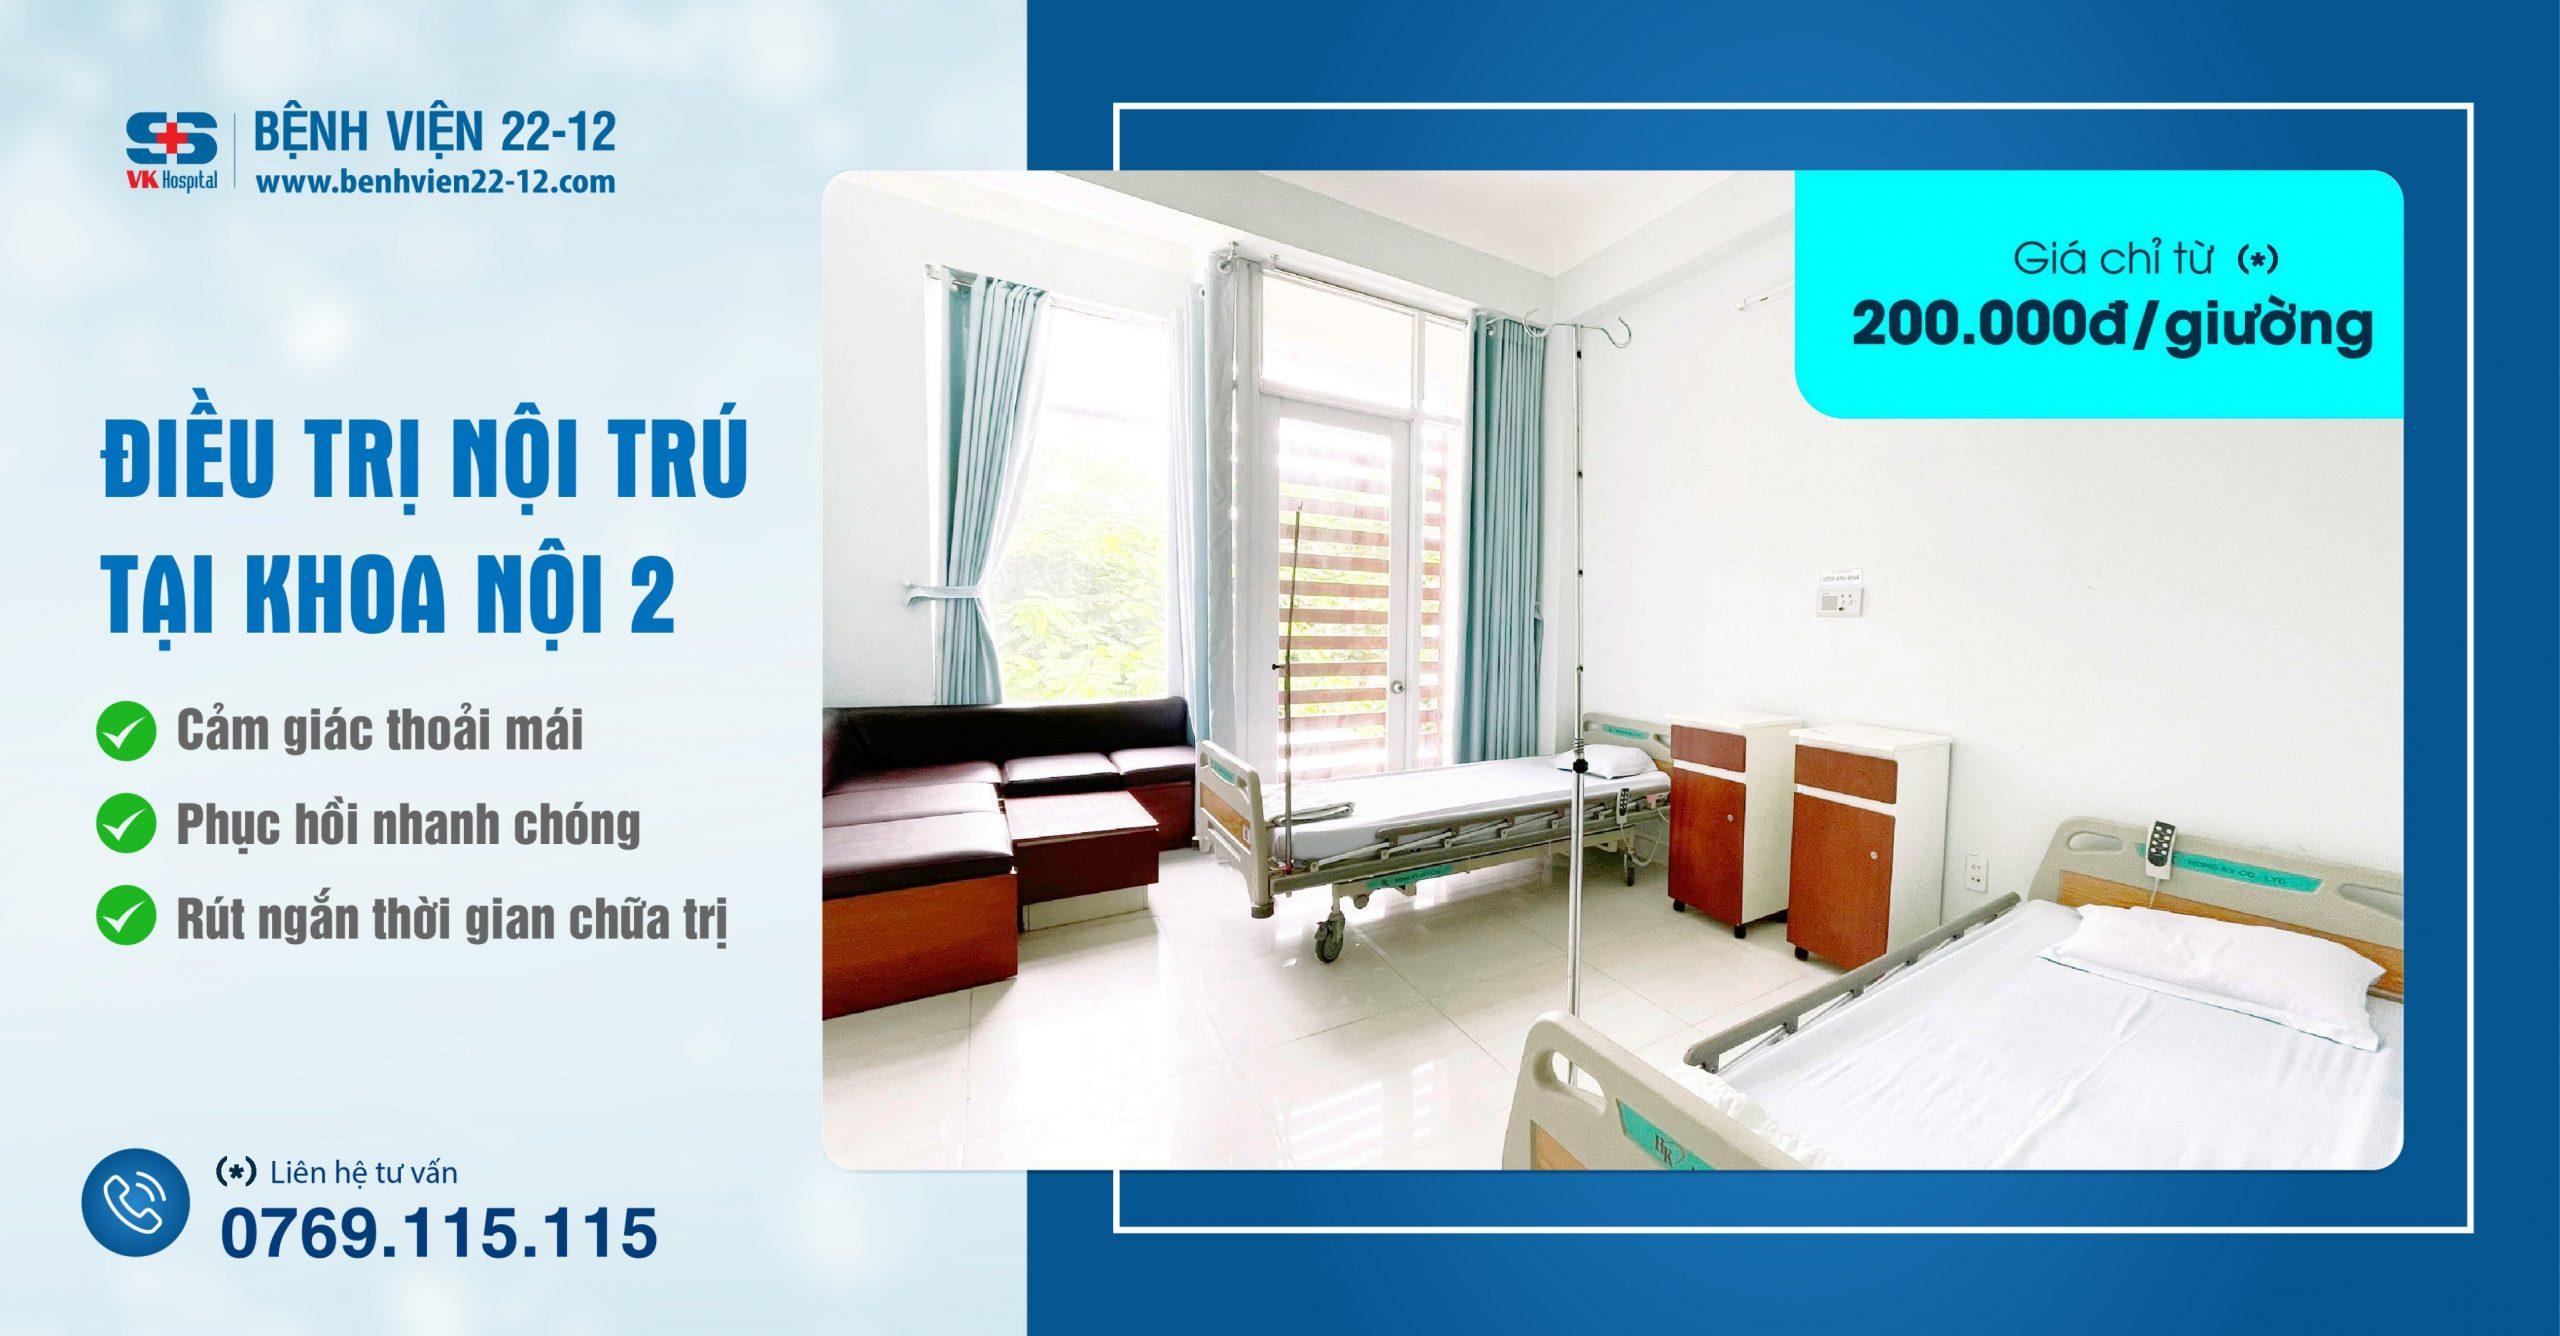 Bệnh viện 22-12   Điều trị nội trú tại Khoa nội 2